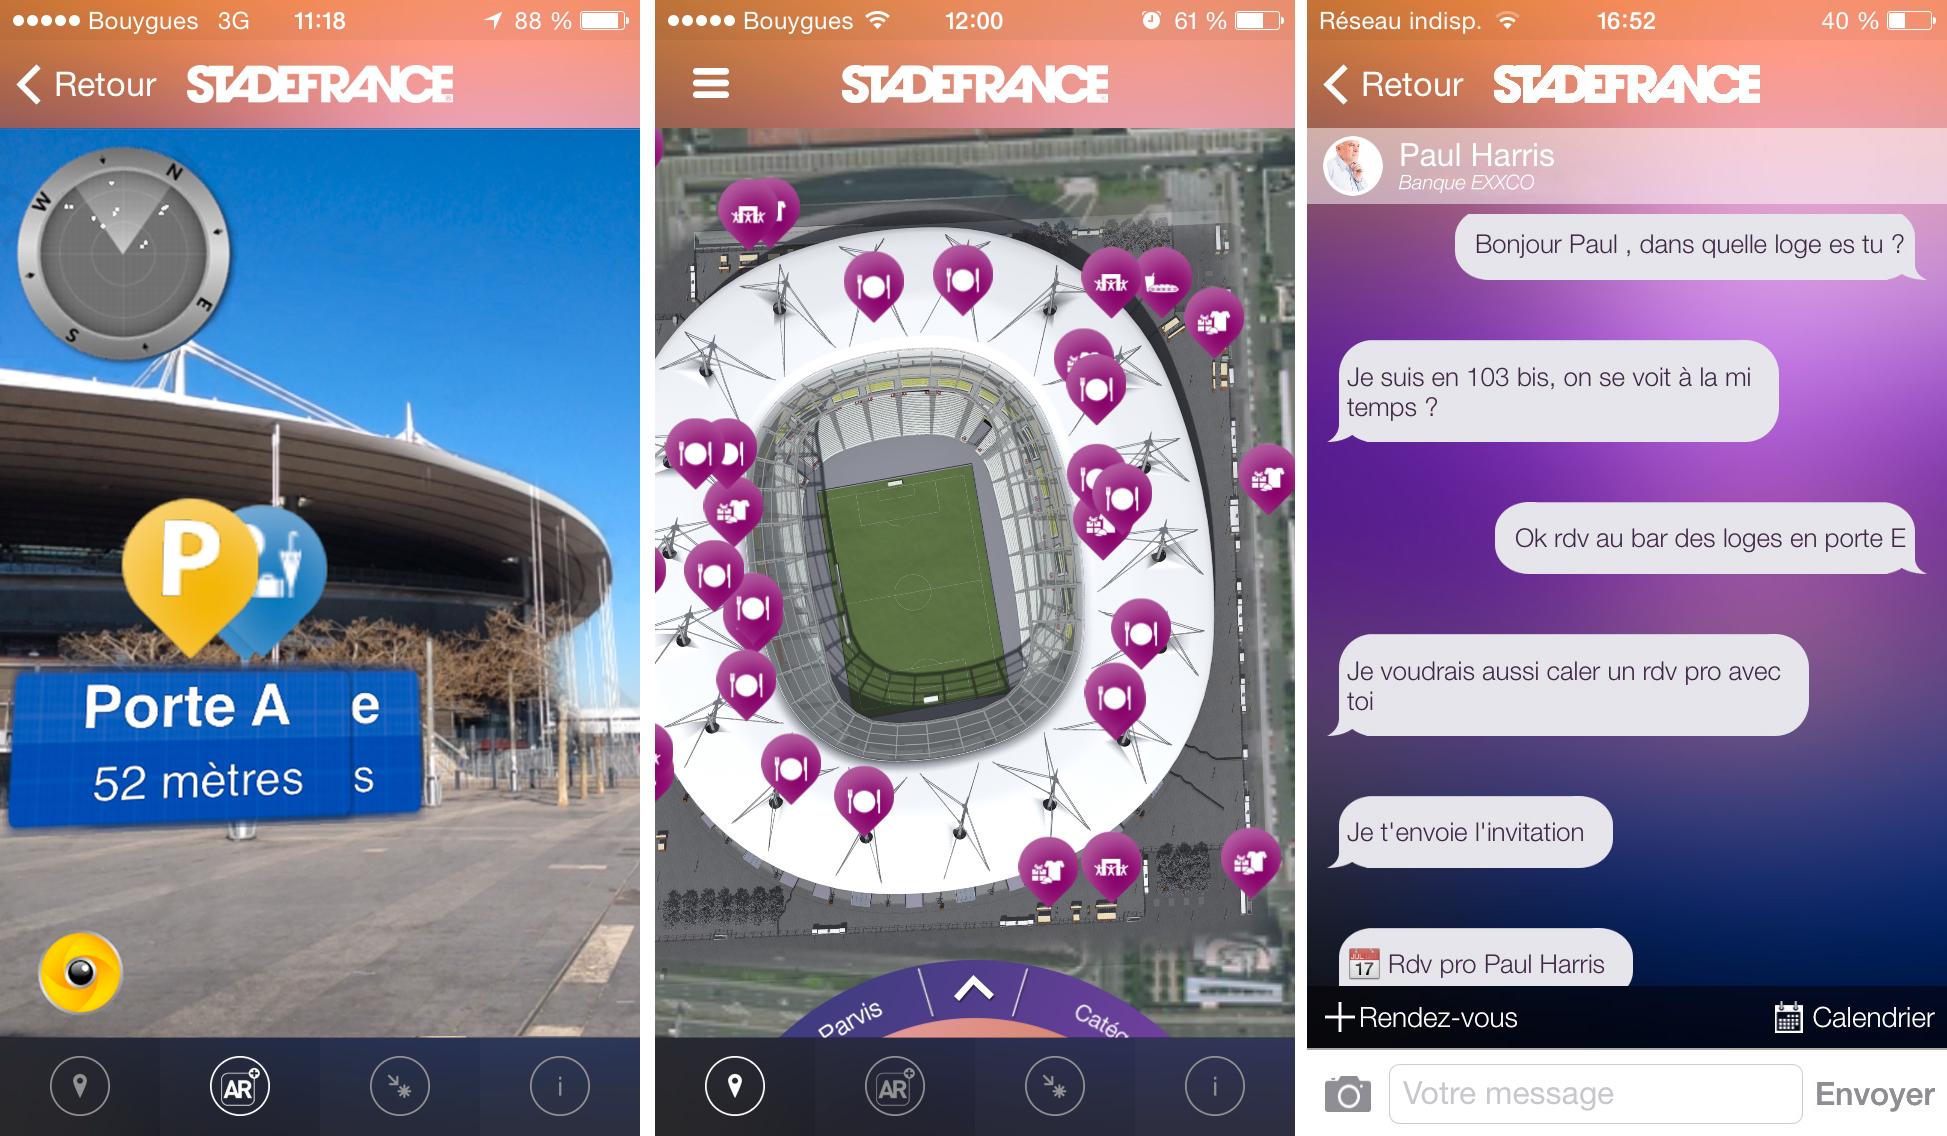 Sur le secteur du Stade de France, les gares de La Plaine Stade de France (RER  ... mobile (Android ou IOS) l'application KNOT et créez votre compte utilisateur.